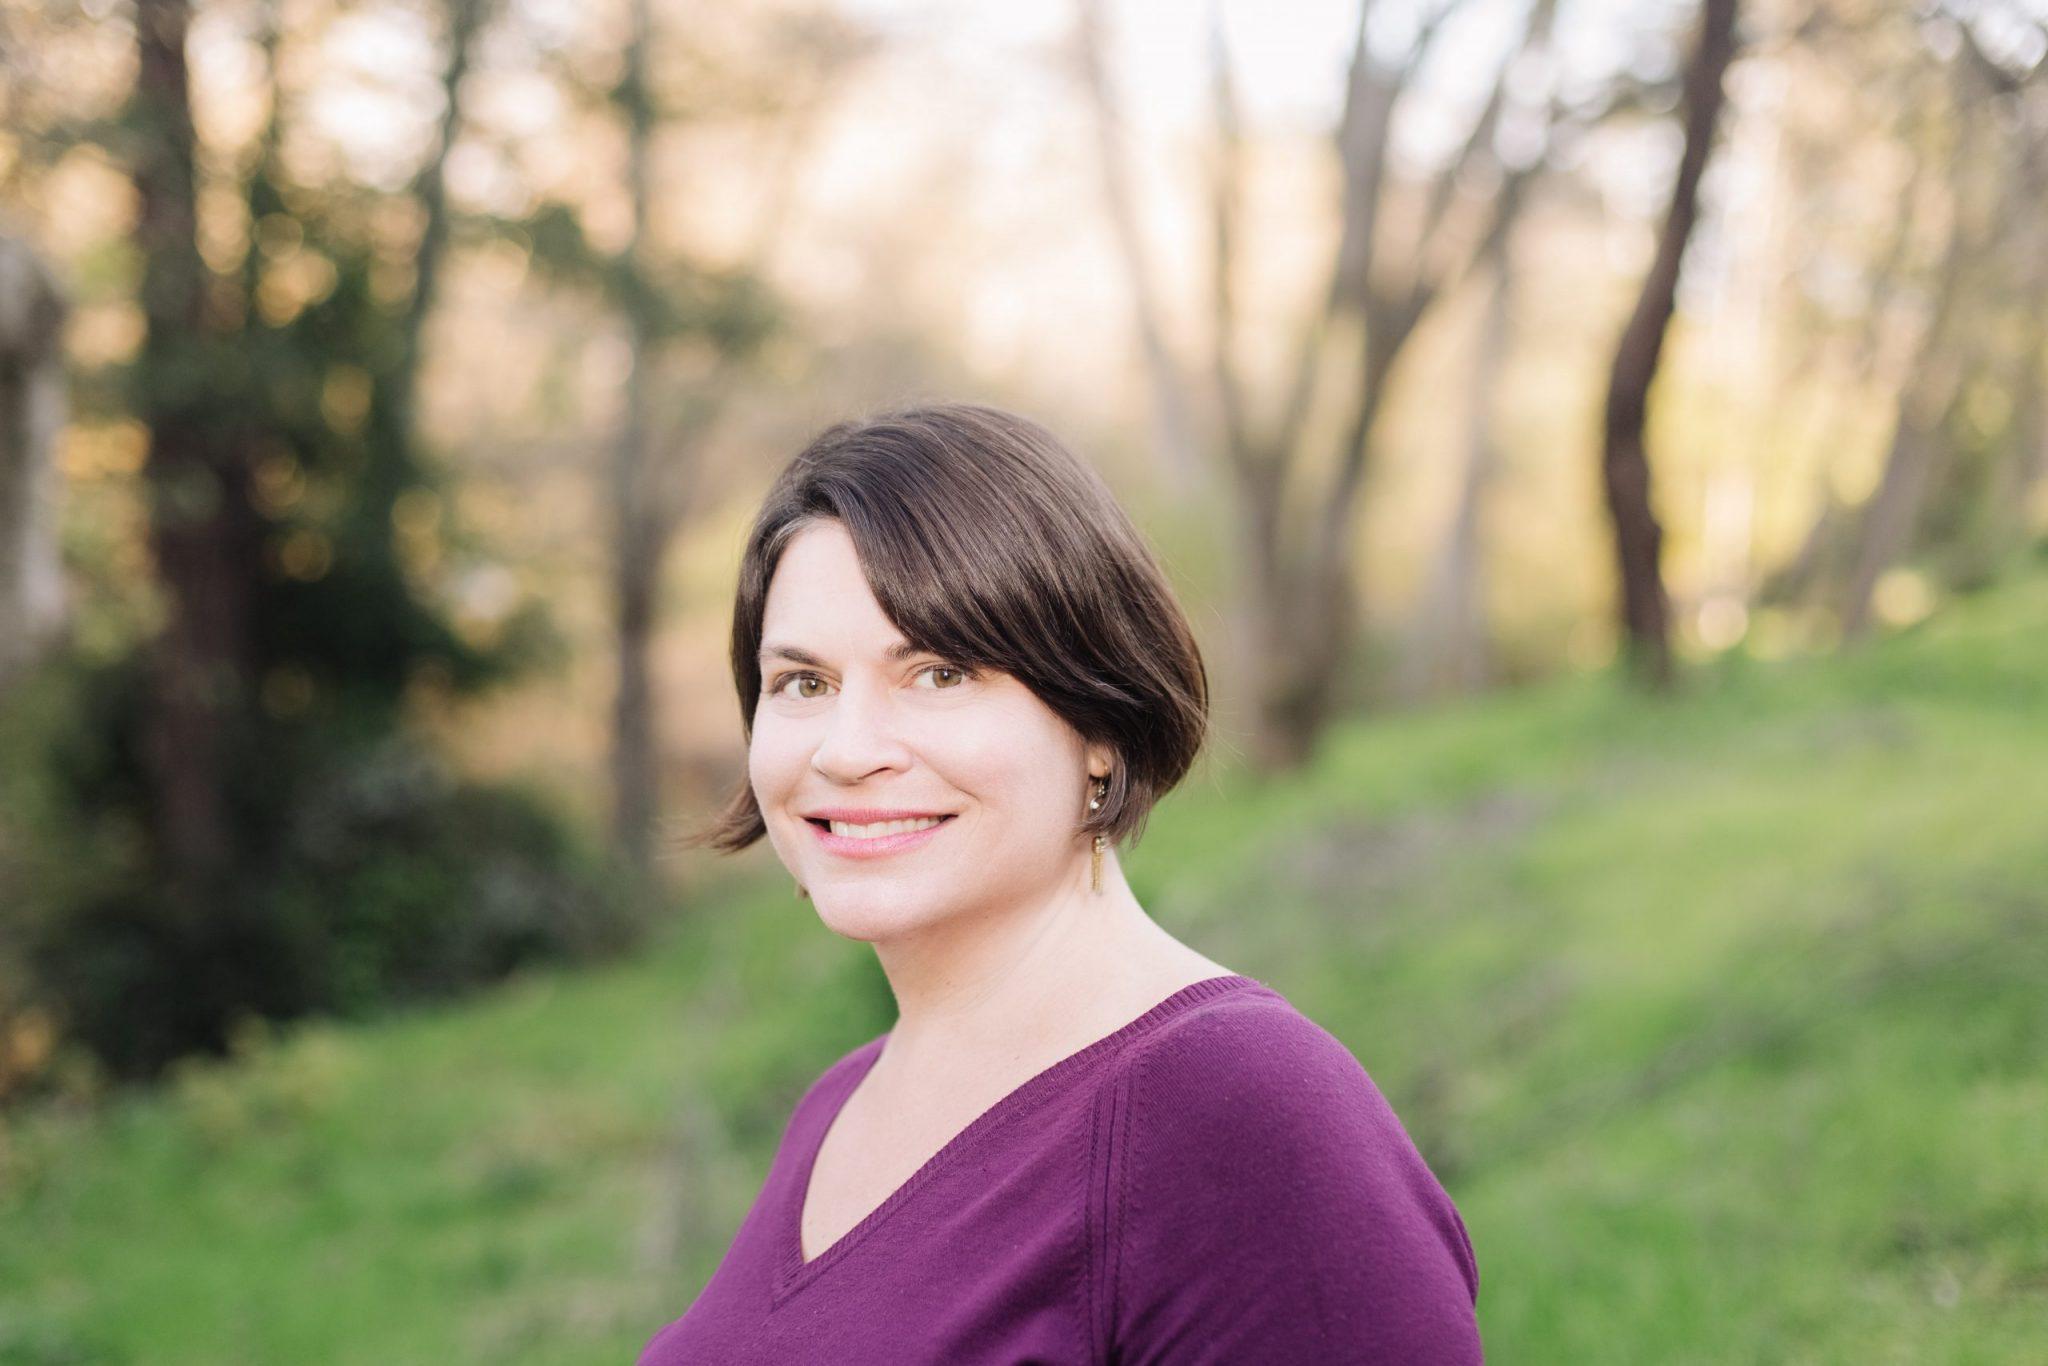 Candice Stenstrom